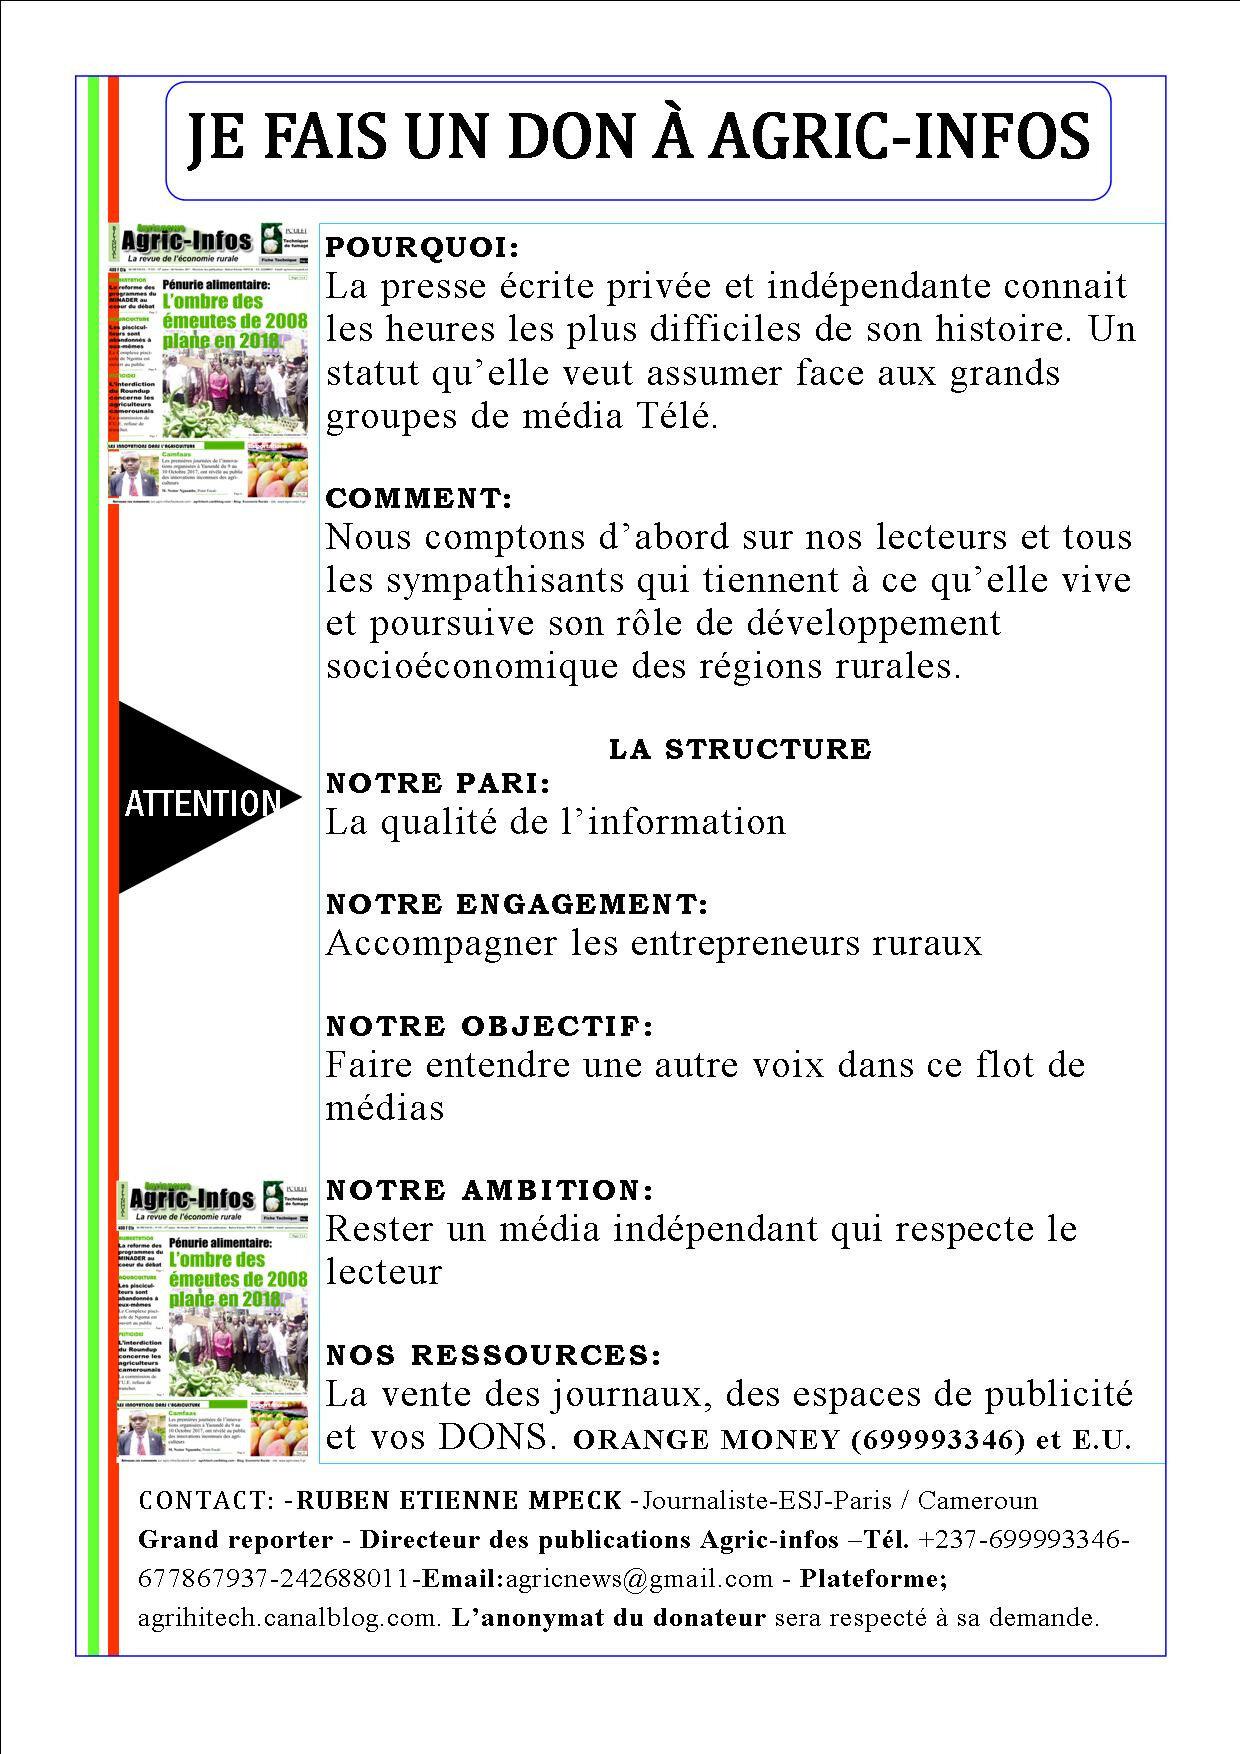 Agric-infos : votre espace de communication